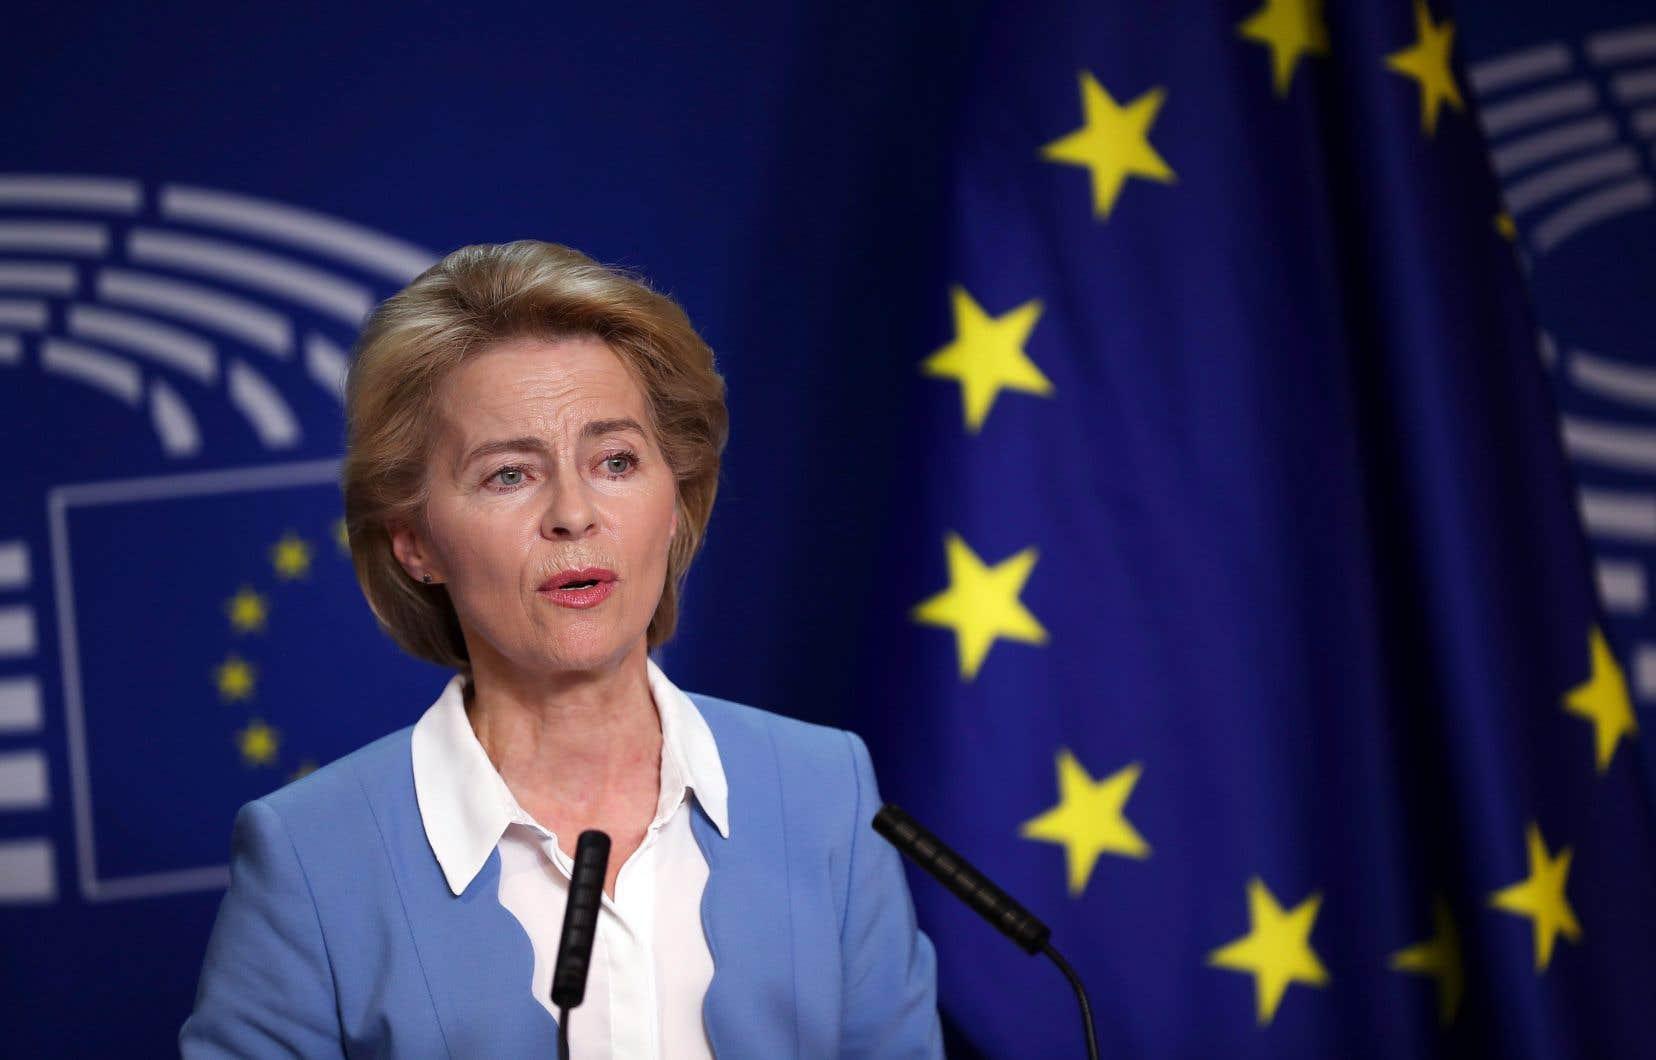 Pour succéder au Luxembourgeois Jean-Claude Juncker le 1er novembre, Ursula von der Leyen doit absolument convaincre les élus européens, plutôt frustrés par la façon dont elle a été désignée.